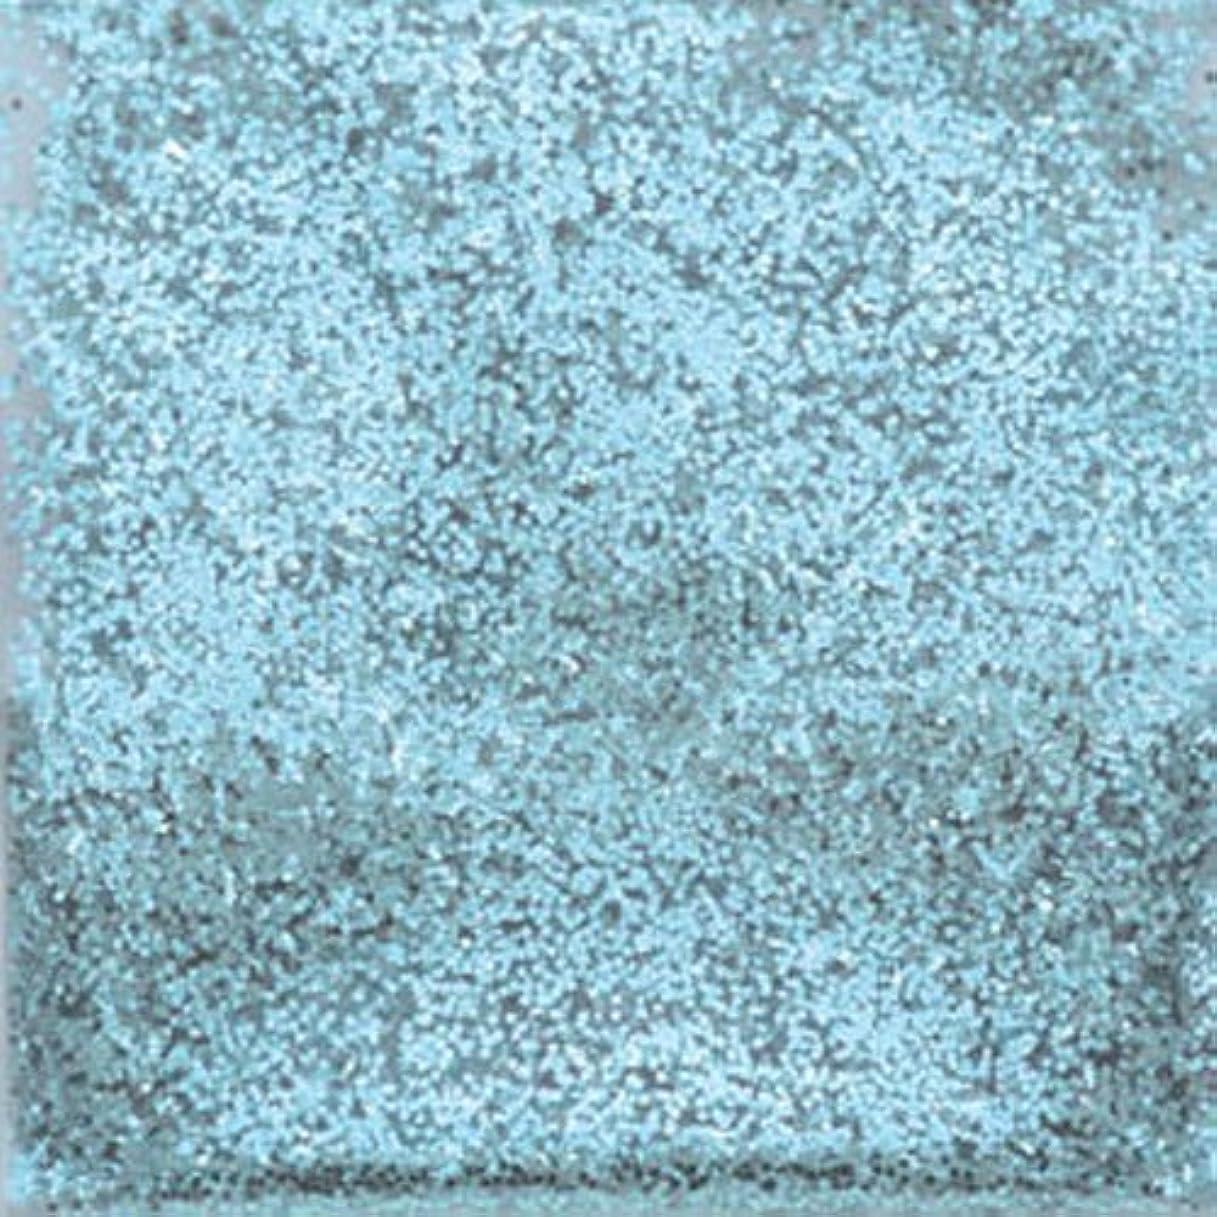 ことわざ休日グリットピカエース ネイル用パウダー ラメシャインN S #316 ライトブルー 0.7g